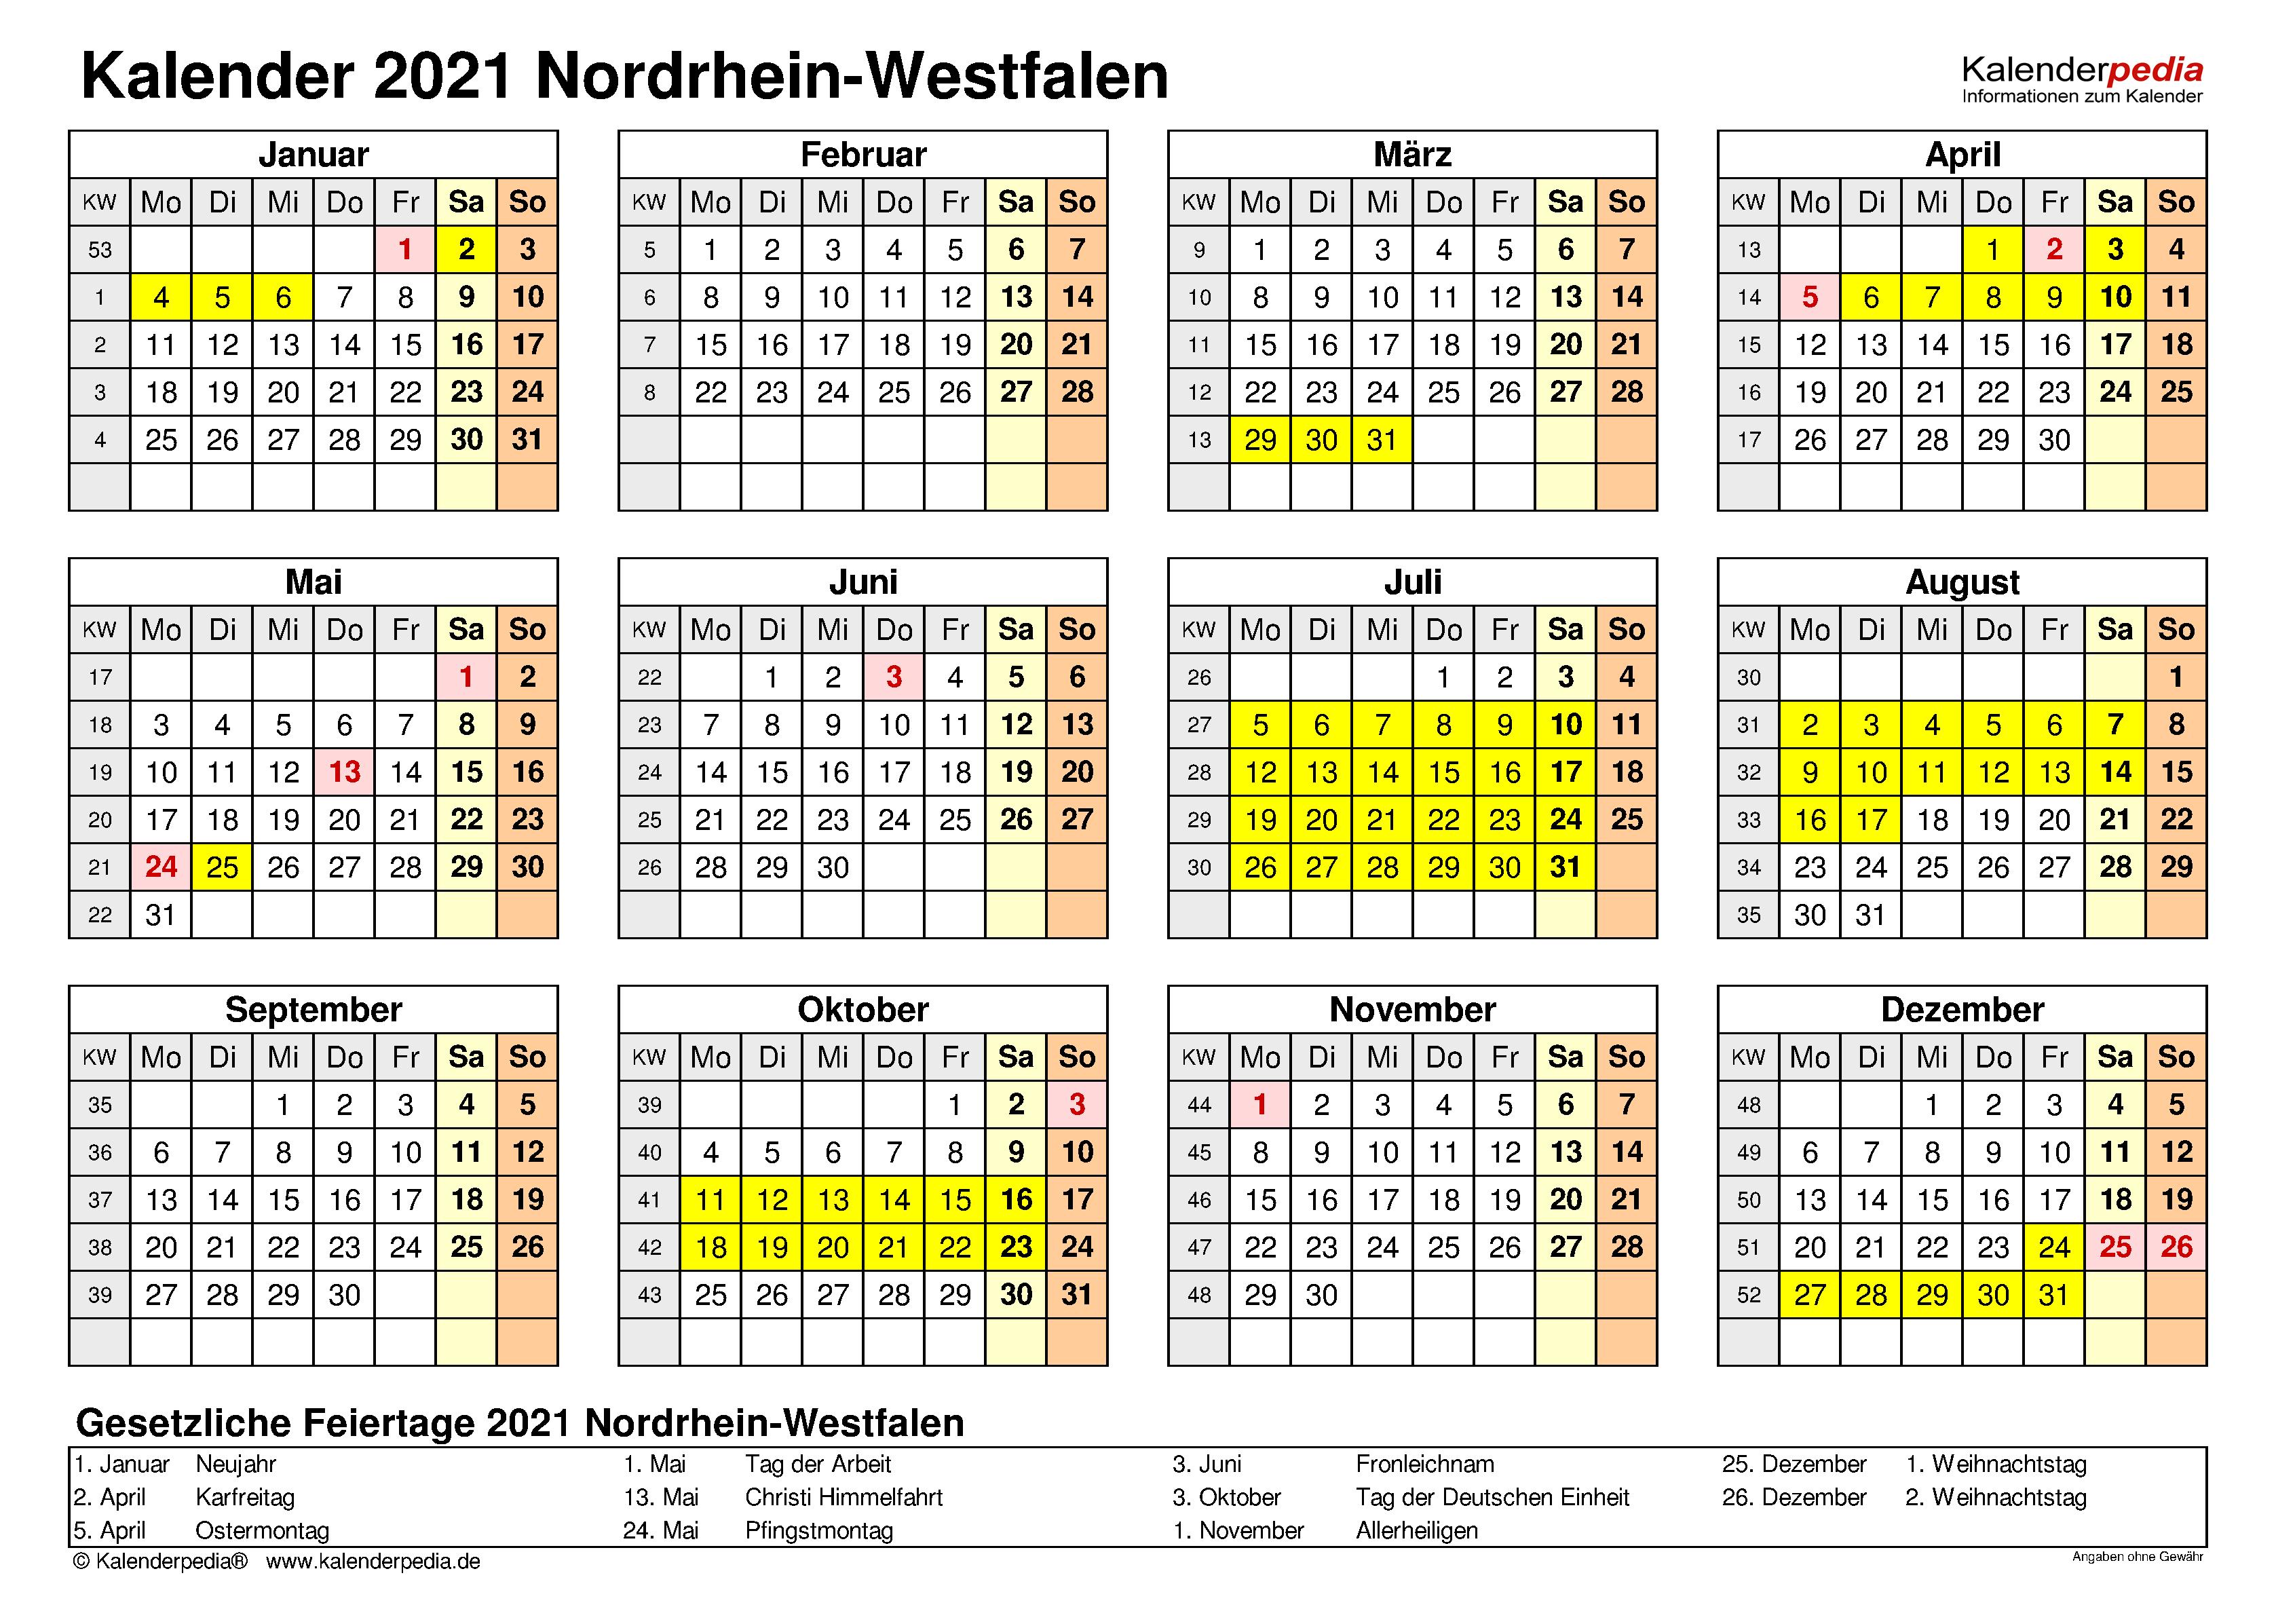 Kalender 2021 NRW: Ferien, Feiertage, Word-Vorlagen